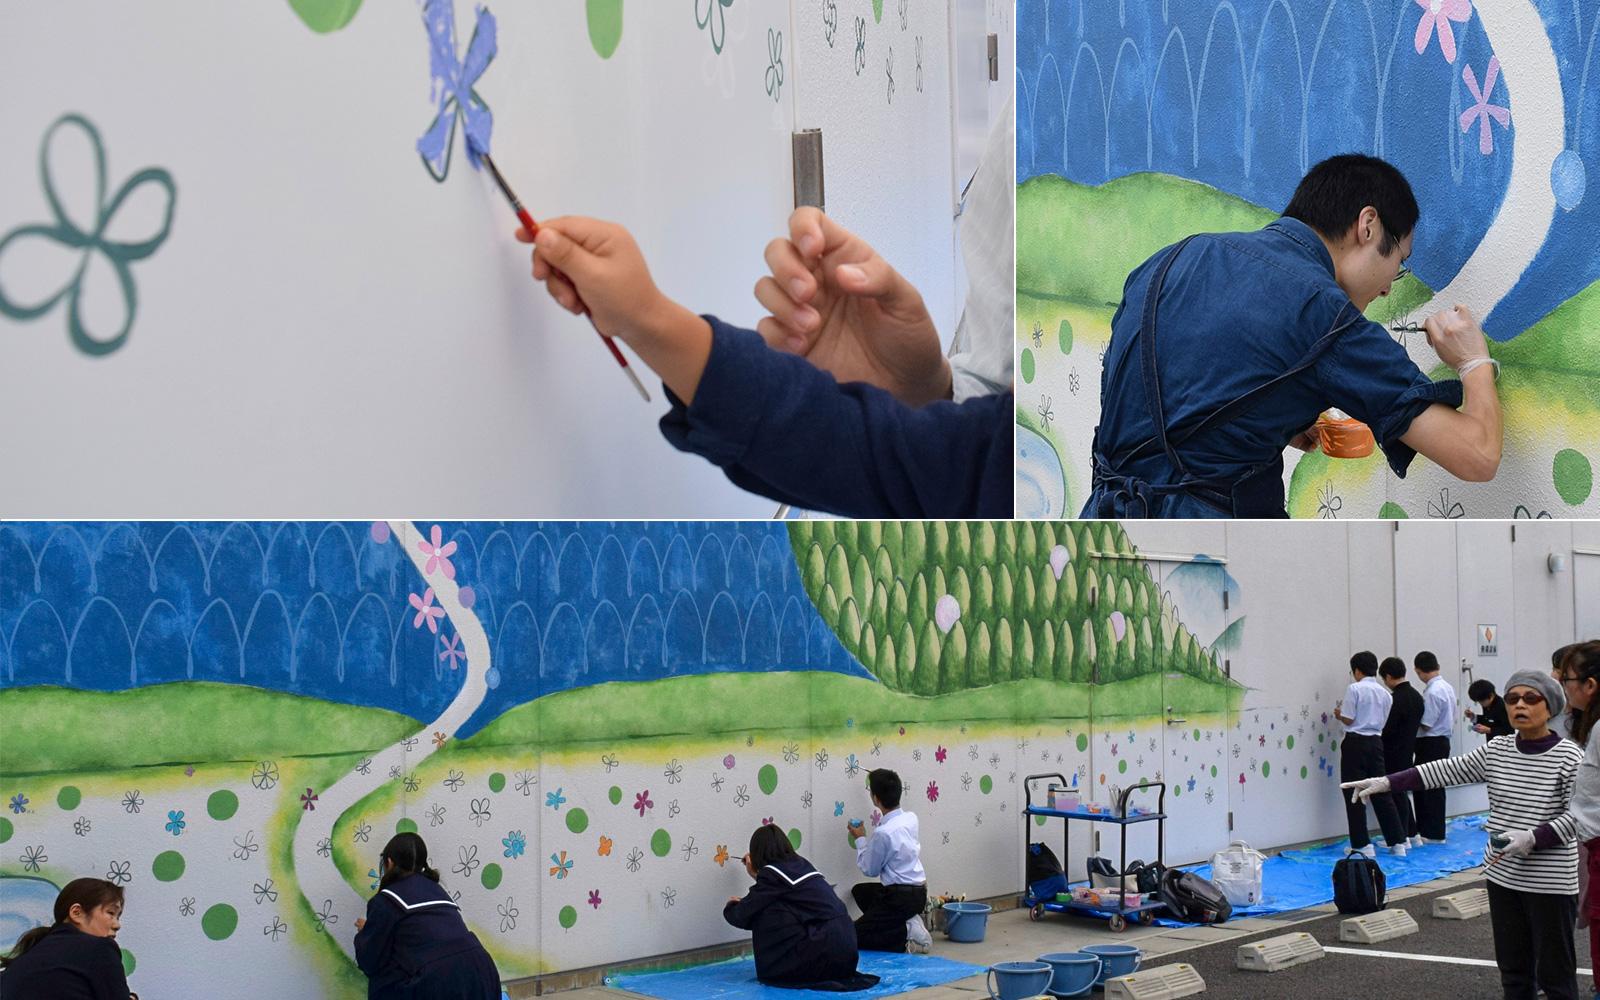 ホスピタルアート 四国こどもとおとなの医療センター 壁画「はなの和」ワークショップ